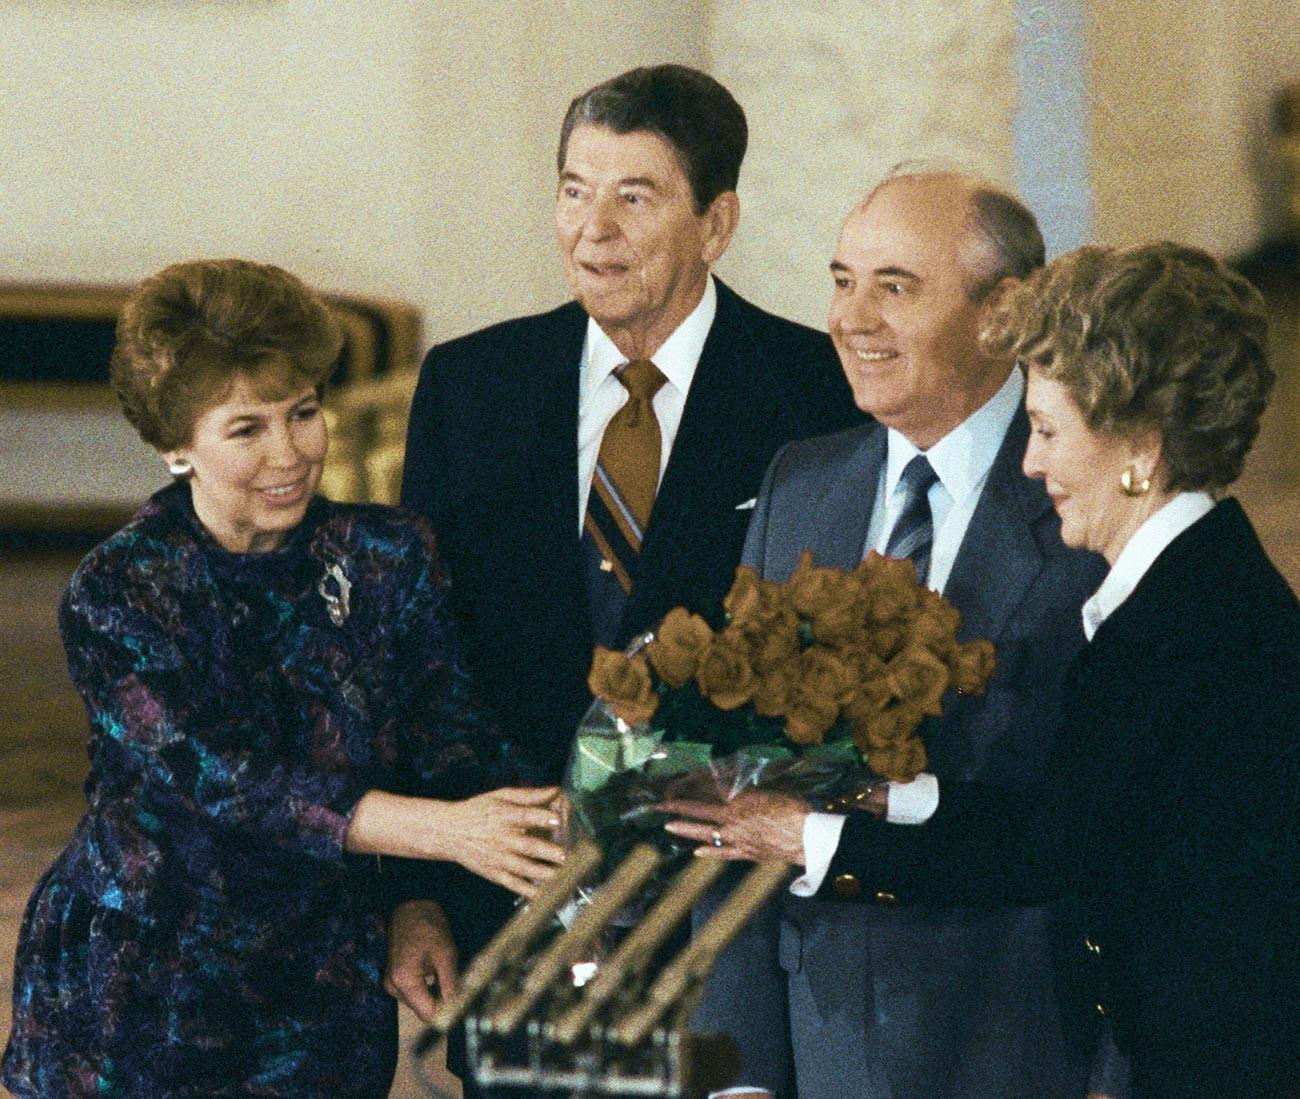 Mikhaïl Gorbatchev (deuxième à droite), Ronald Reagan (au centre) et leurs épouses au kremlin